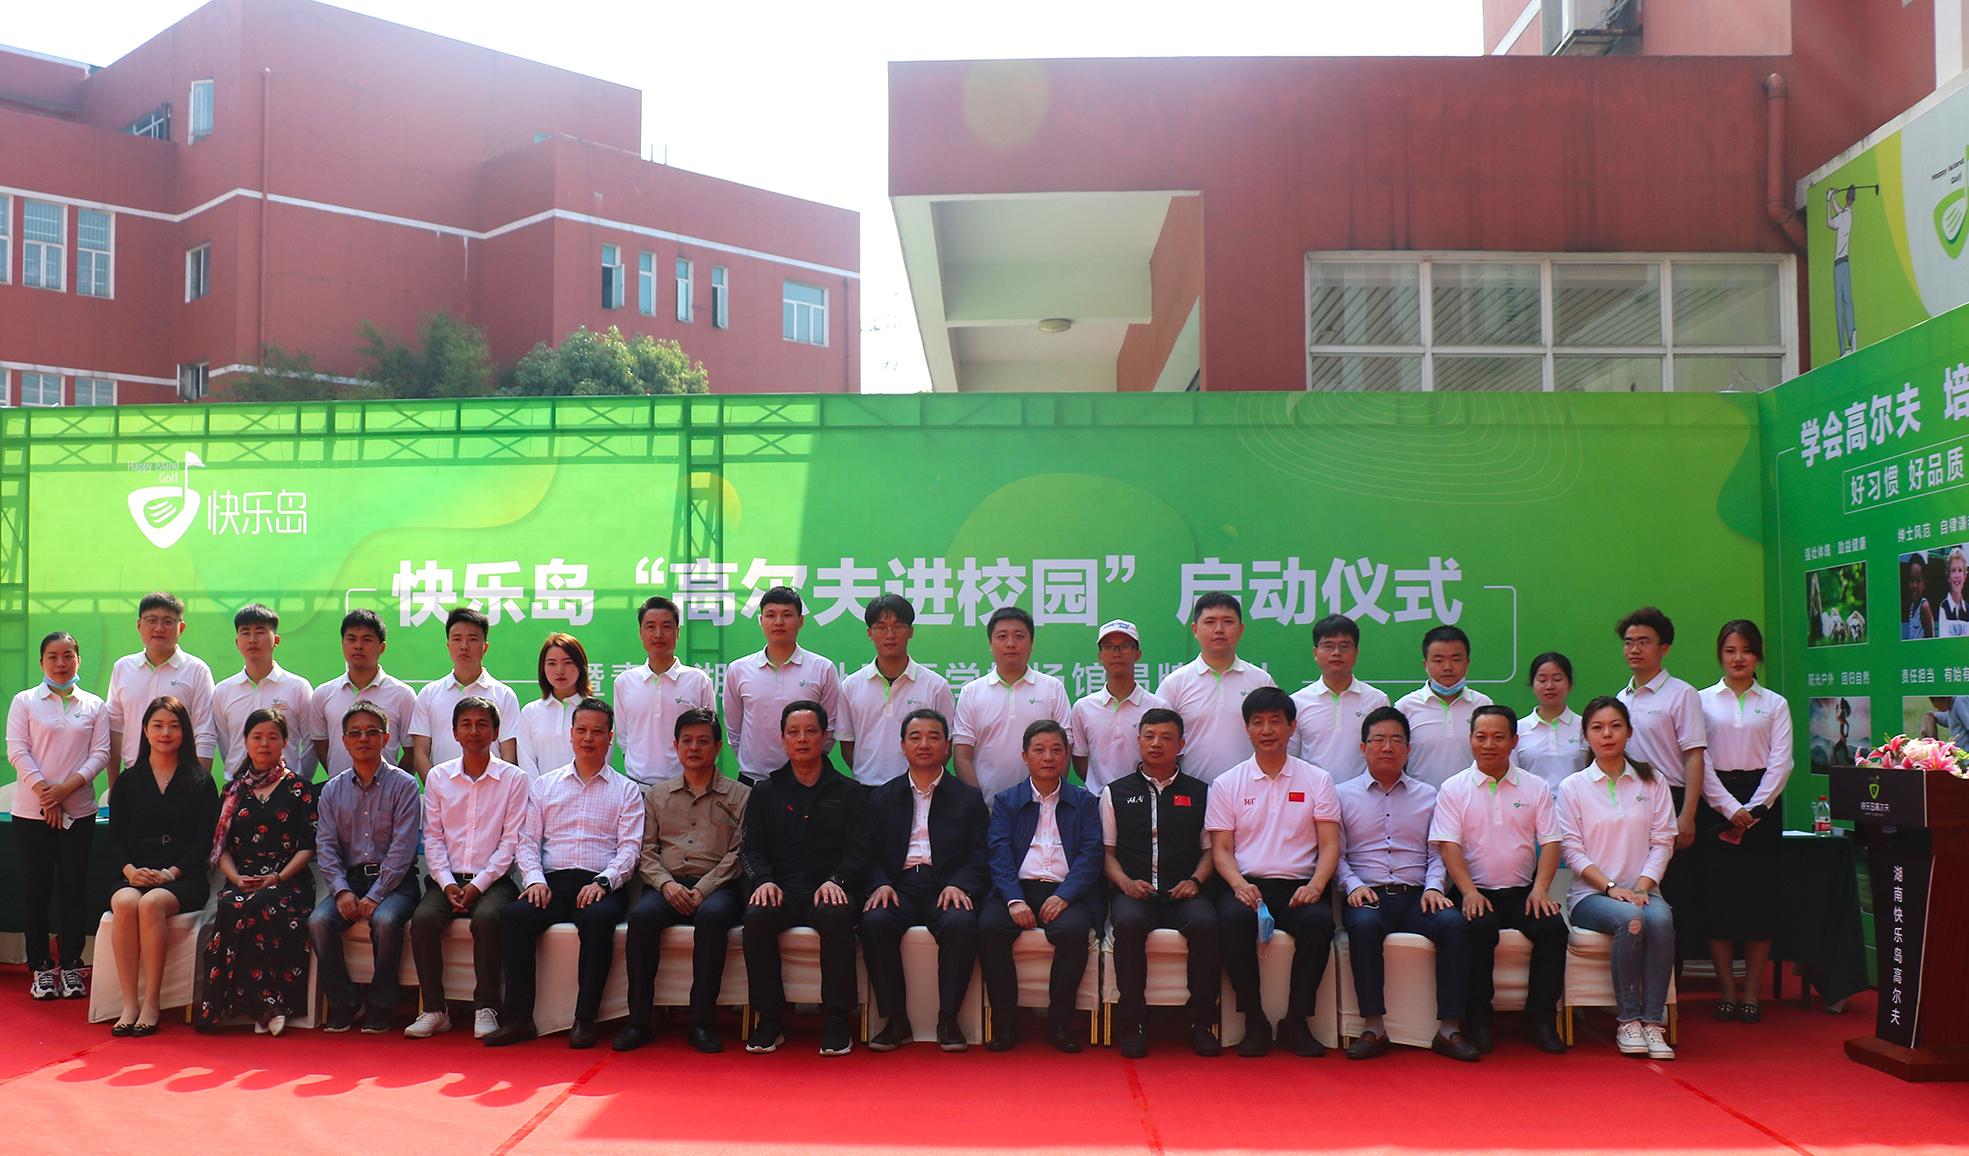 高尔夫球进青竹湖湘一外国语学校小学课堂,学生可免费体验